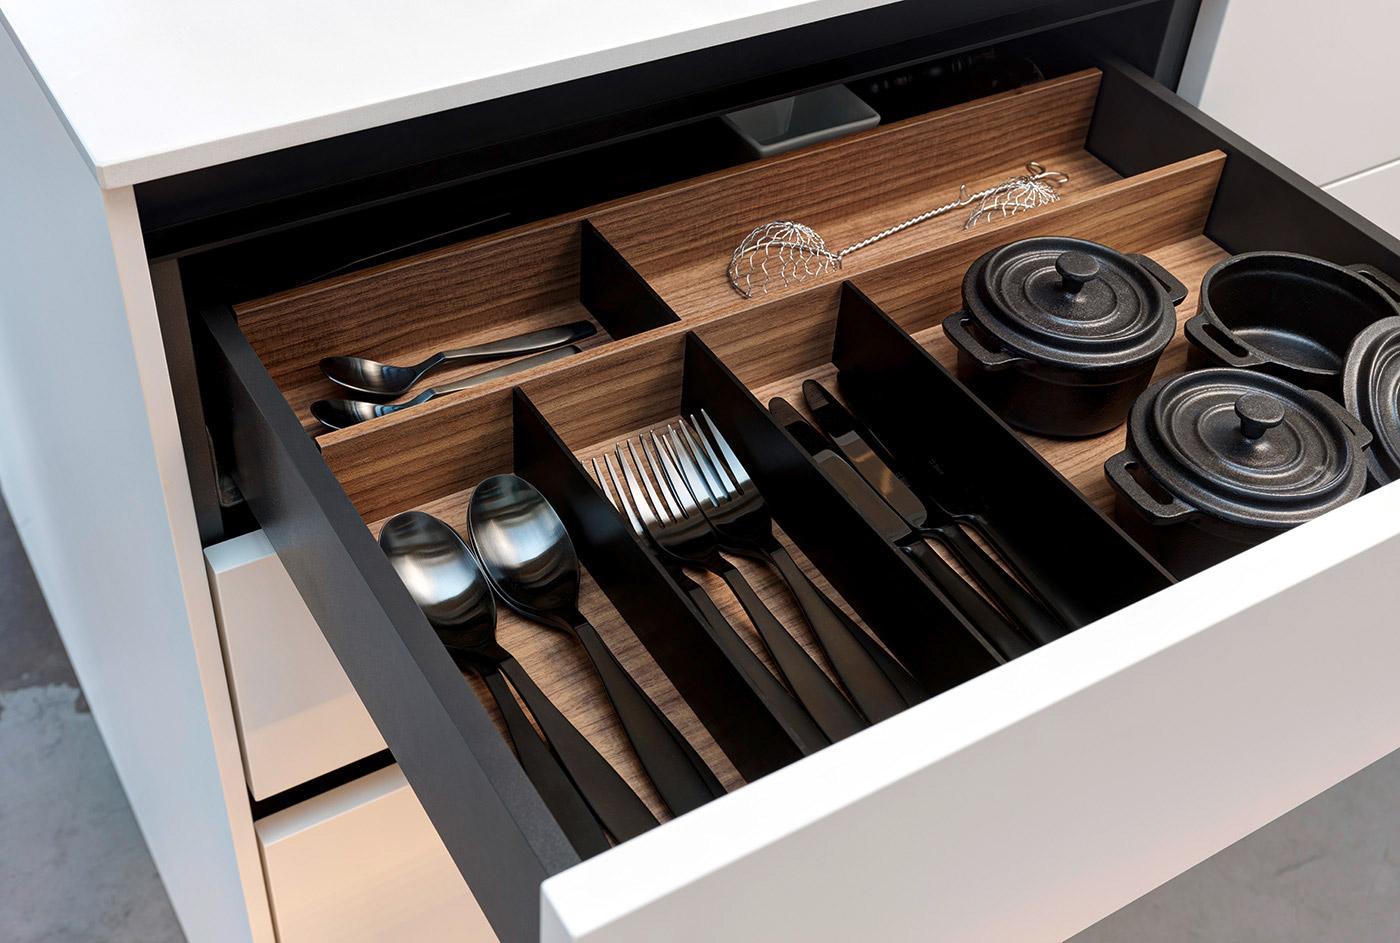 Schubladeneinsatz in Nussbaum in ansprechendem Design und praktischen Einteilungen.